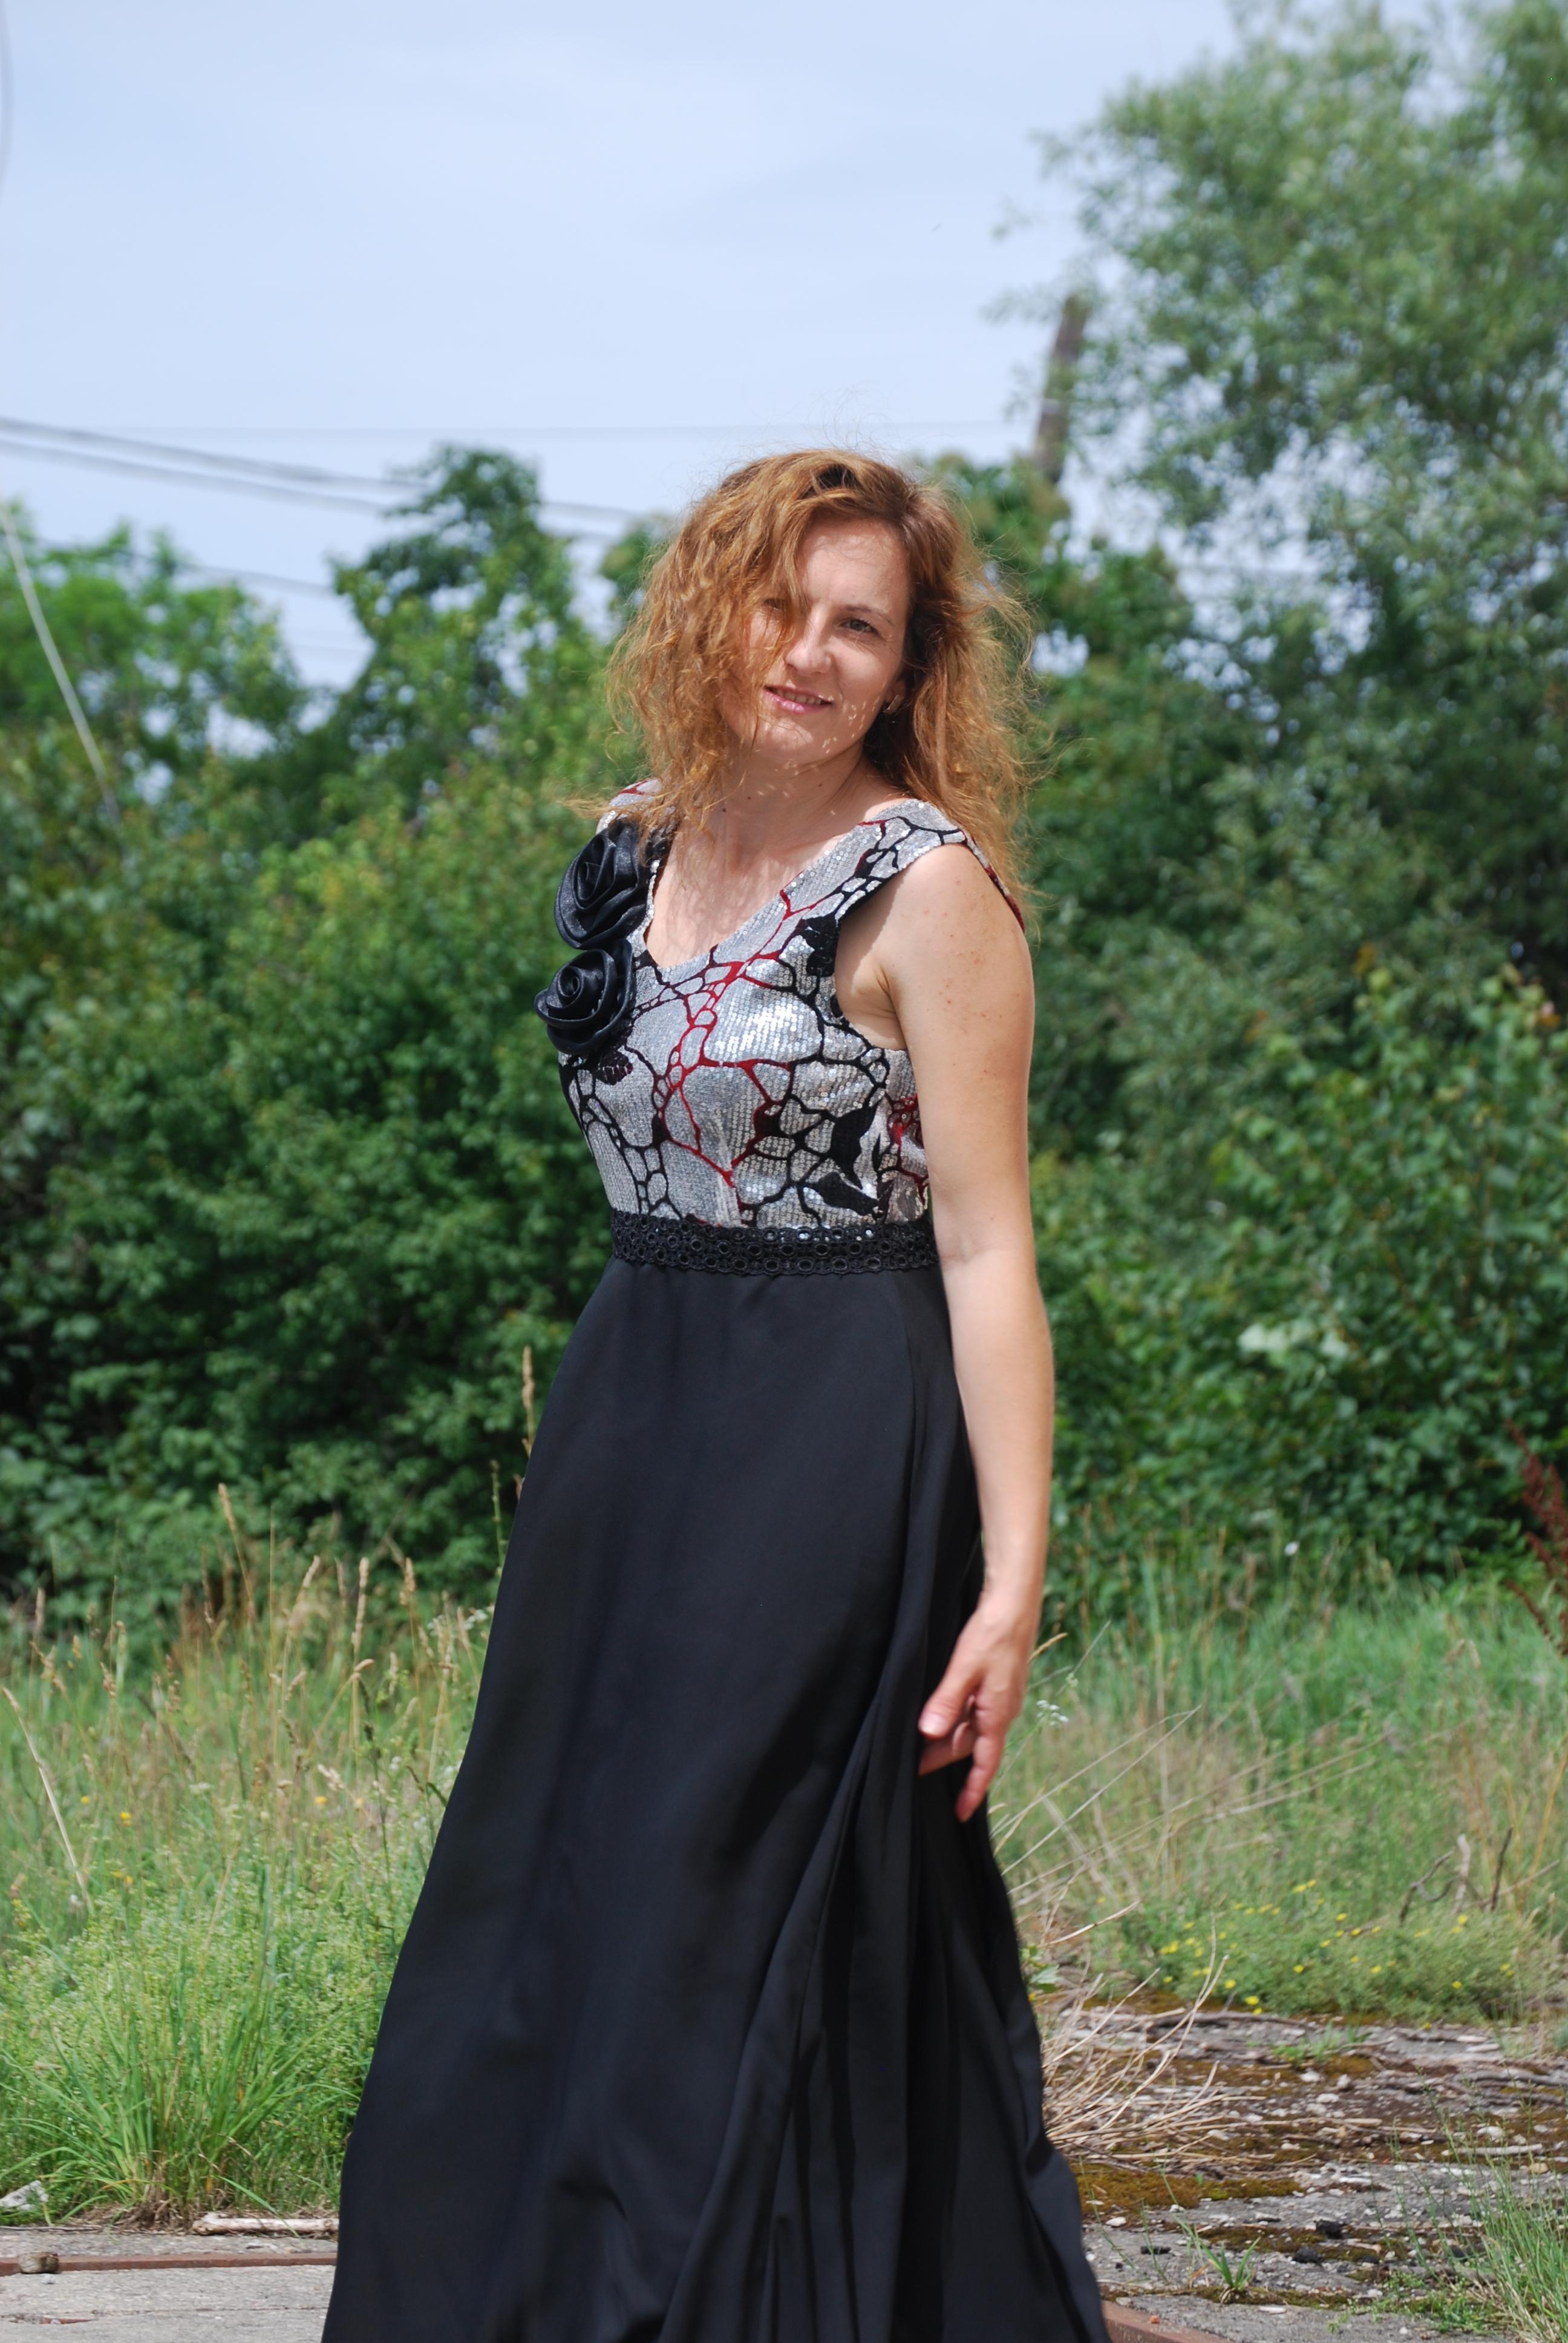 Kostenlose foto : Porträt, Kleid, Schönheit, Mädchen, Dame, Modell ...